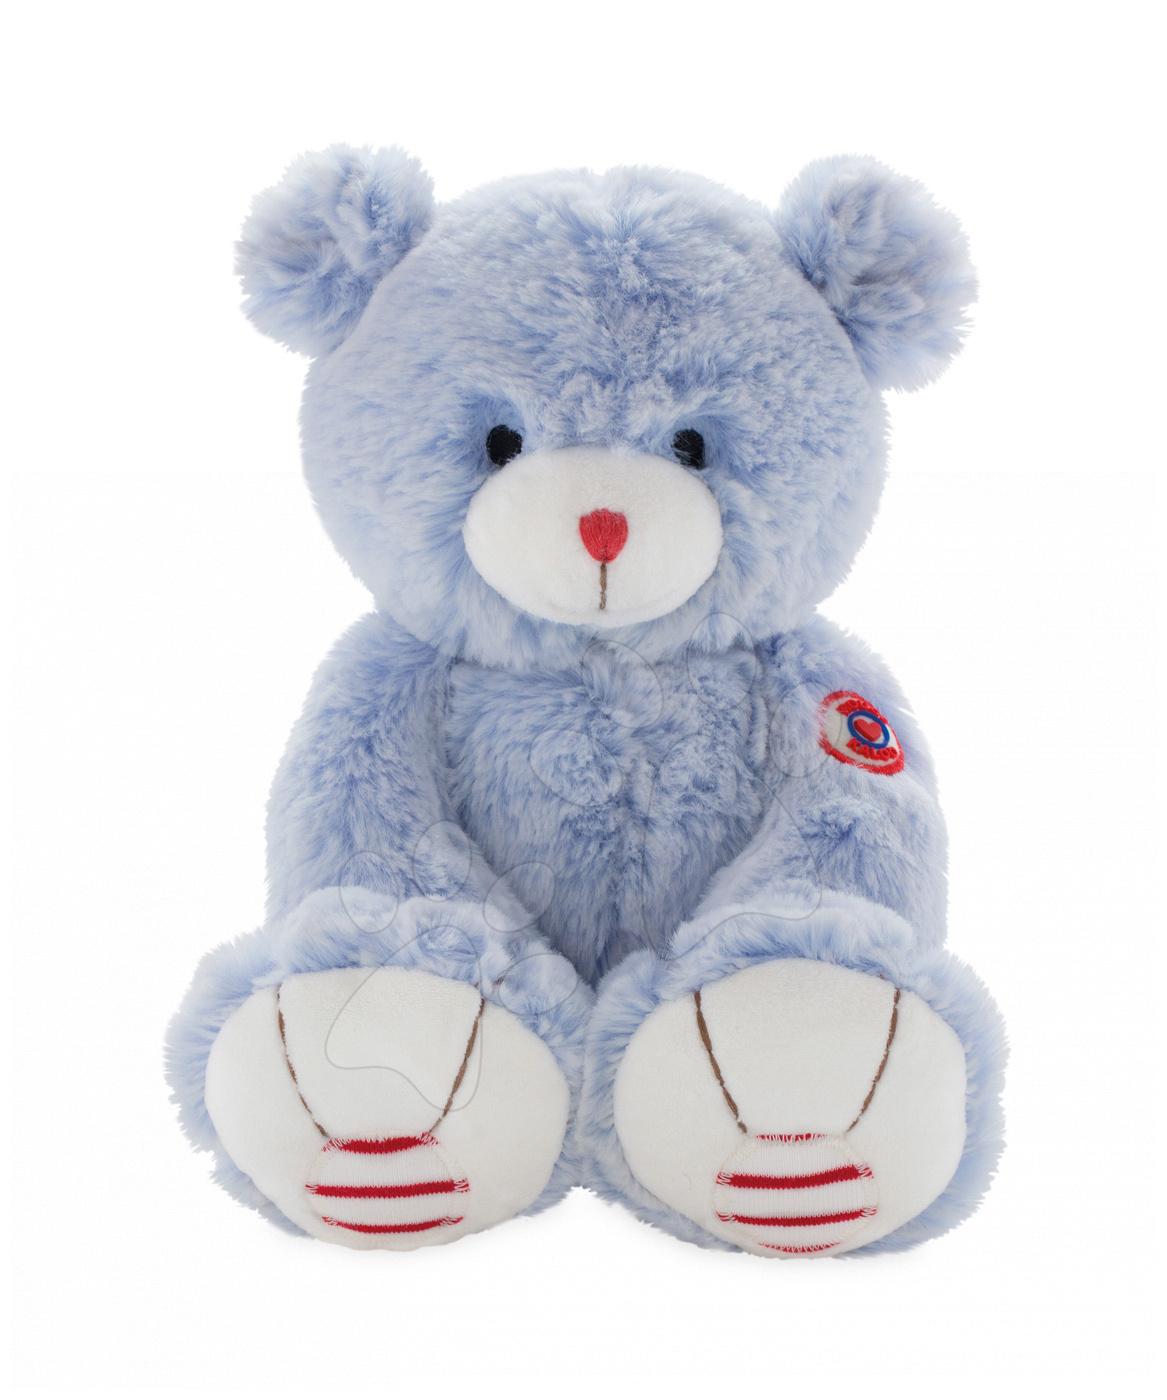 Plyšový medvěd Rouge Kaloo Small 13 cm z jemného plyše pro nejmenší děti modro-krémový